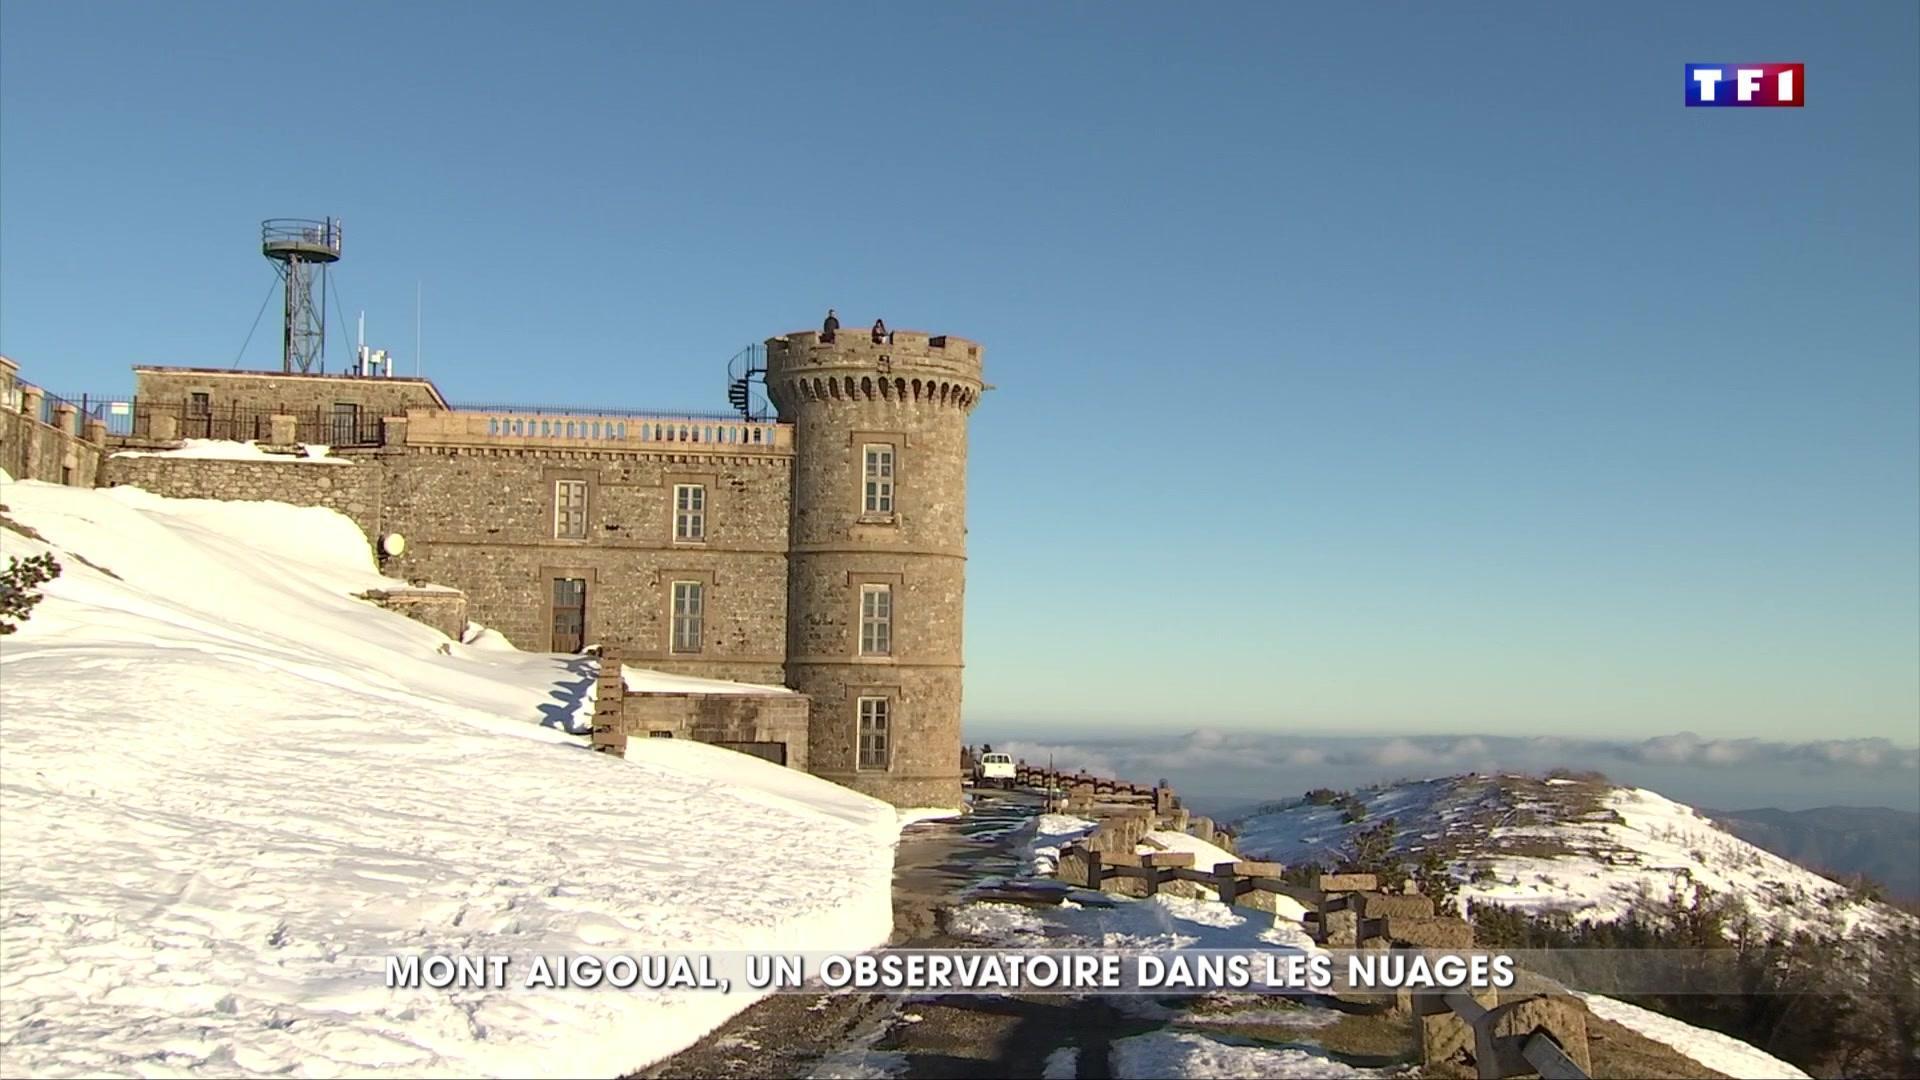 À la découverte de l'observatoire météo du Mont Aigoual